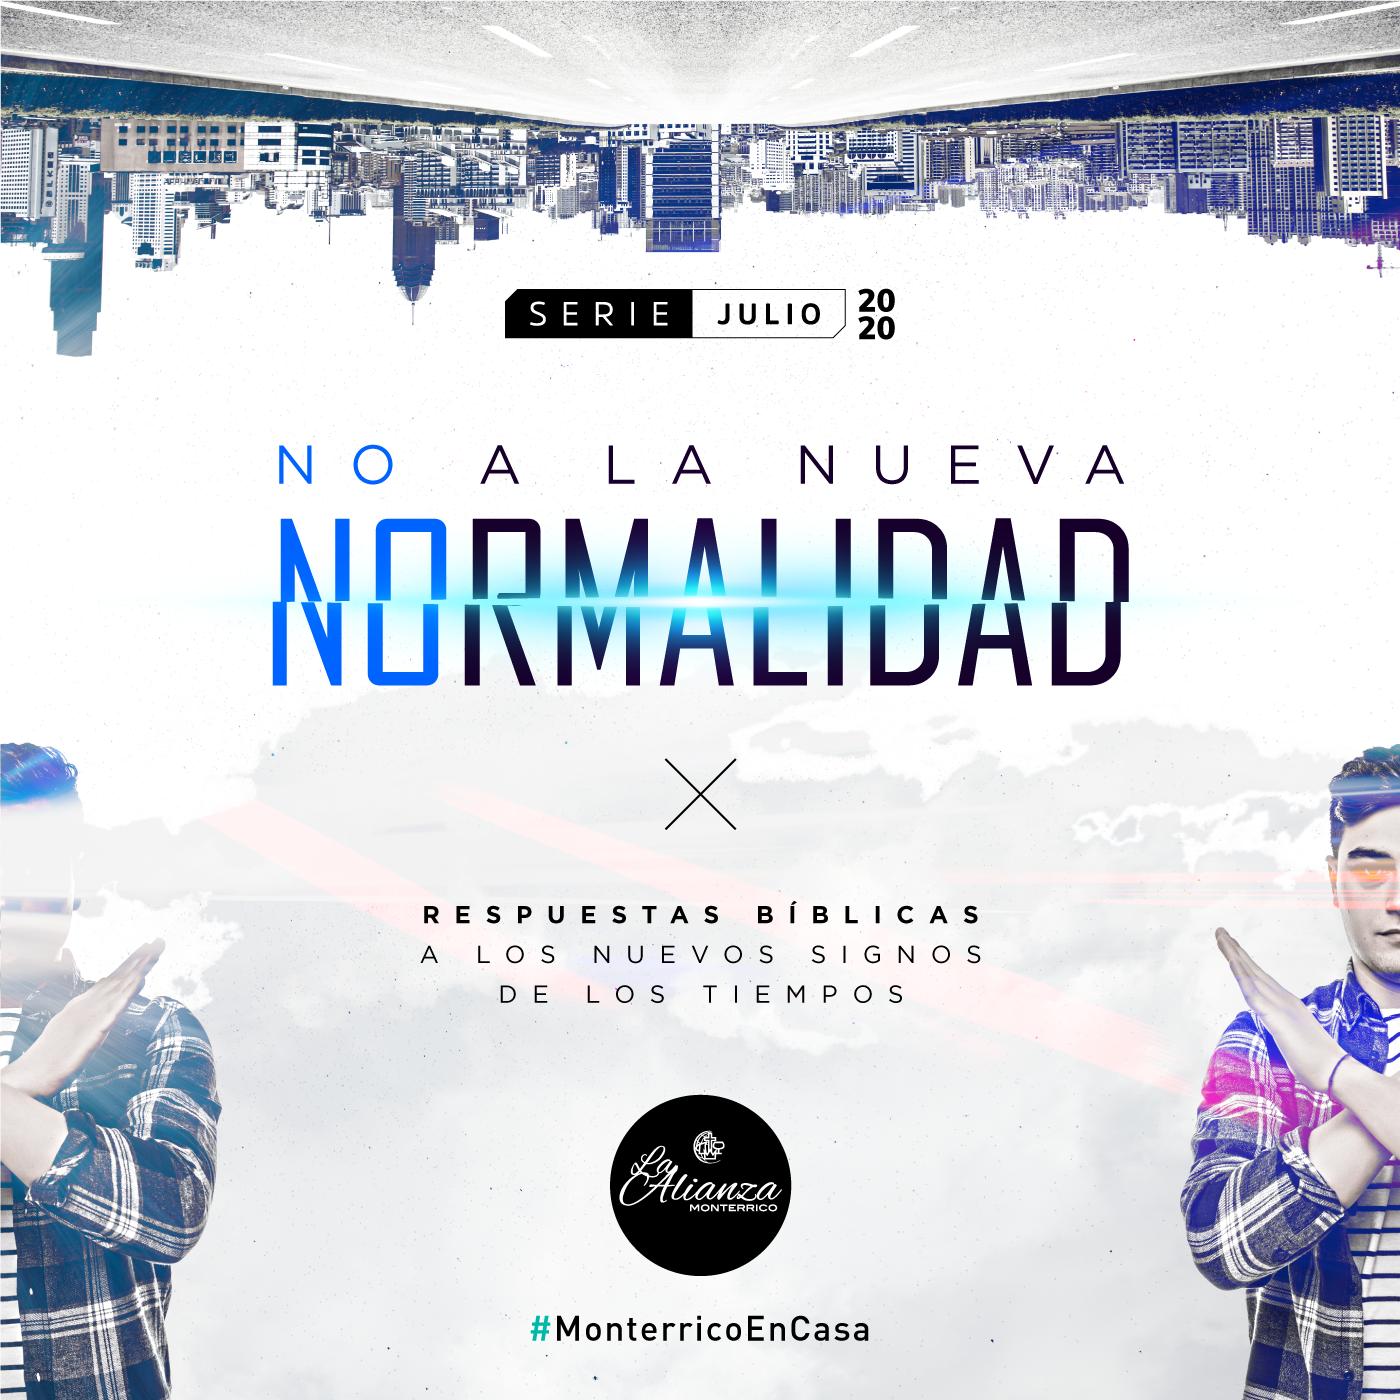 No a la nueva normalidad